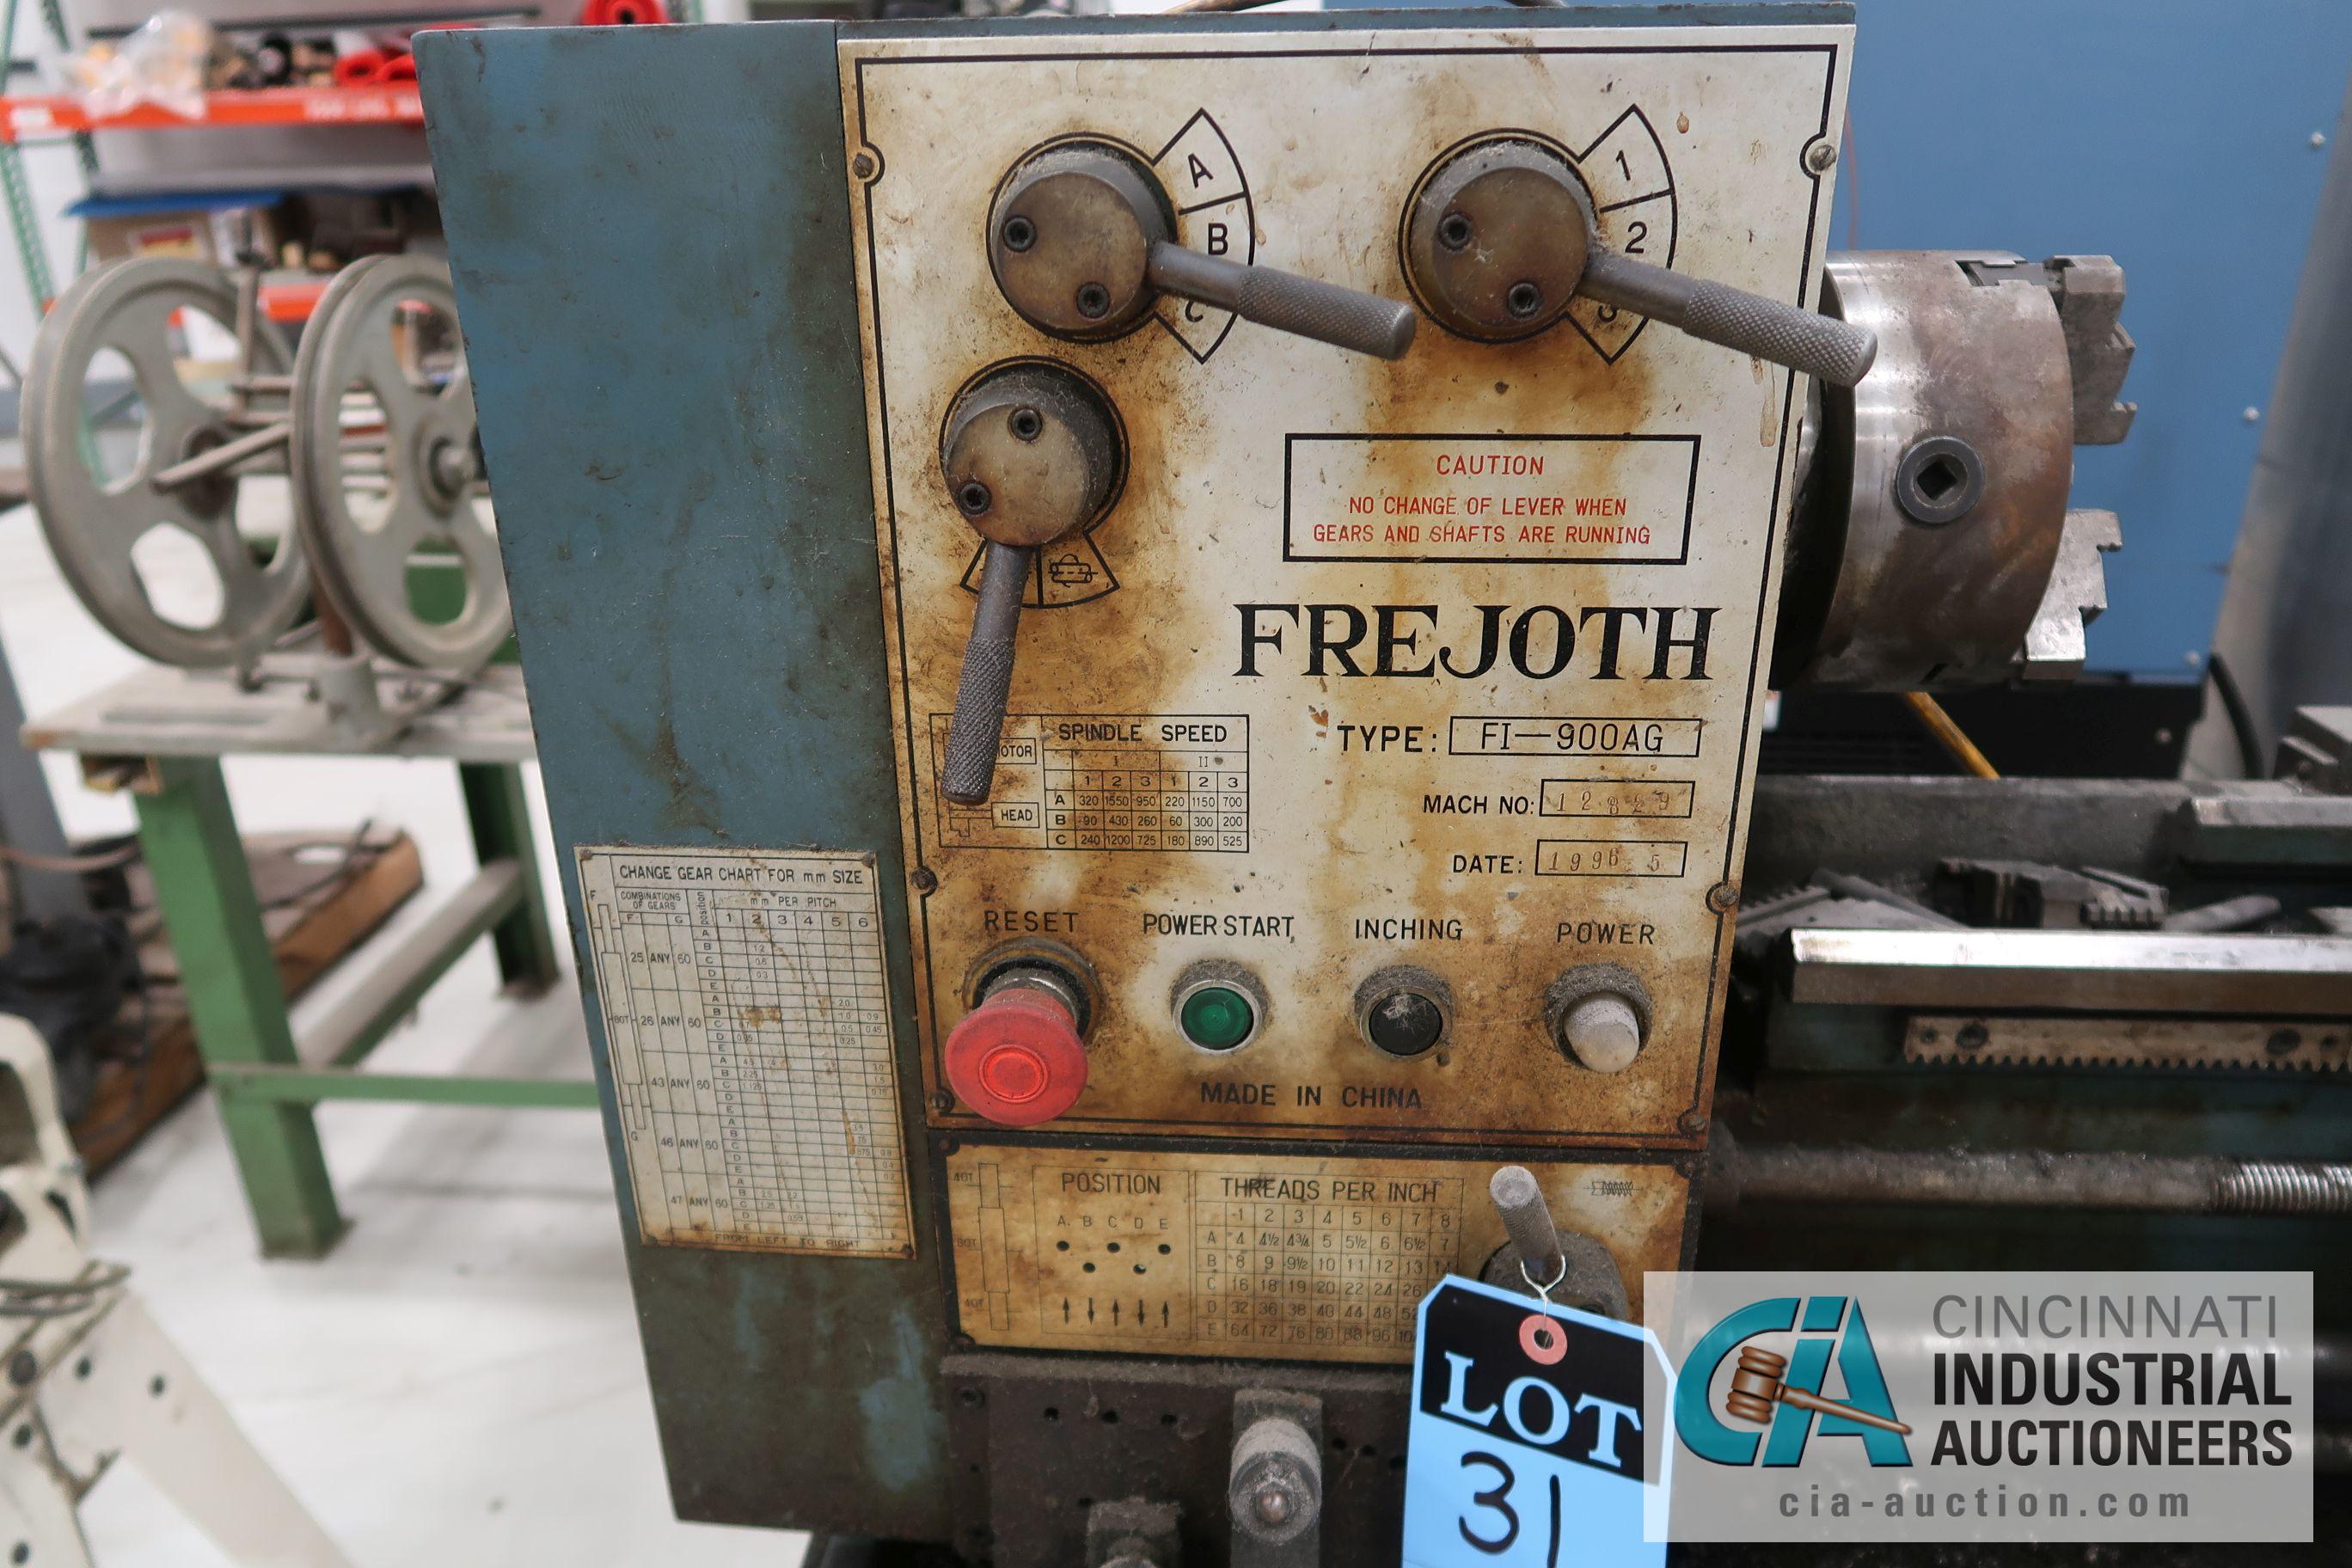 """13"""" X 32"""" FREJOTH TYPE FI-900AG IAN SIZE ENGINE LATHE; S/N 12829, 220 VOLT (1996) - Image 2 of 6"""